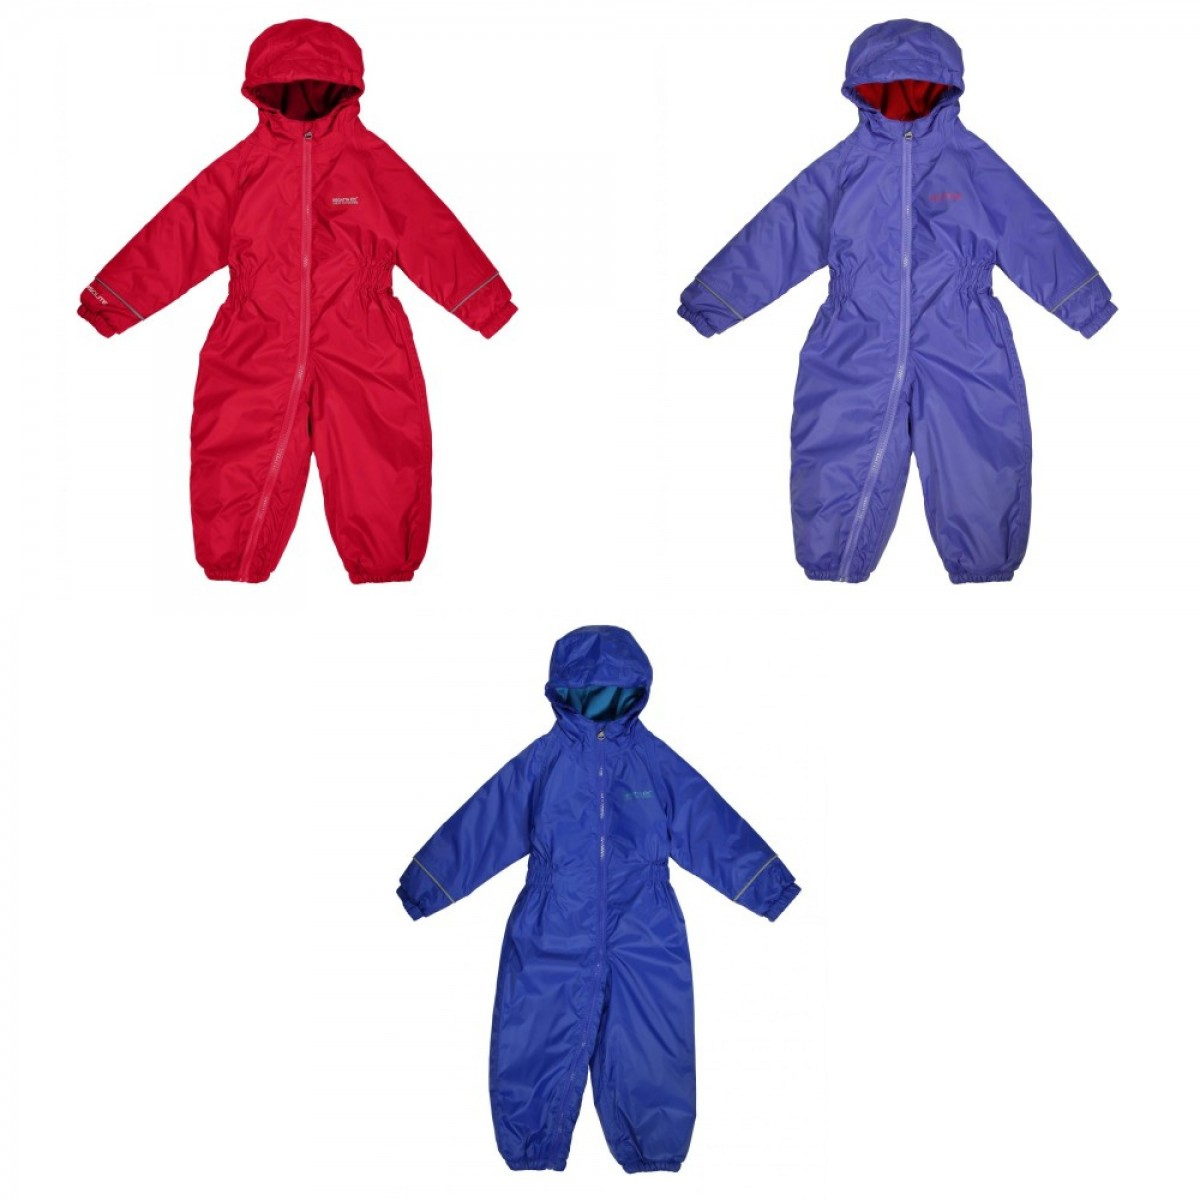 (レガッタ) Regatta 赤ちゃん・ベビー用 Splosh III ウォータープルーフ カバーオール レインスーツ 【楽天海外直送】